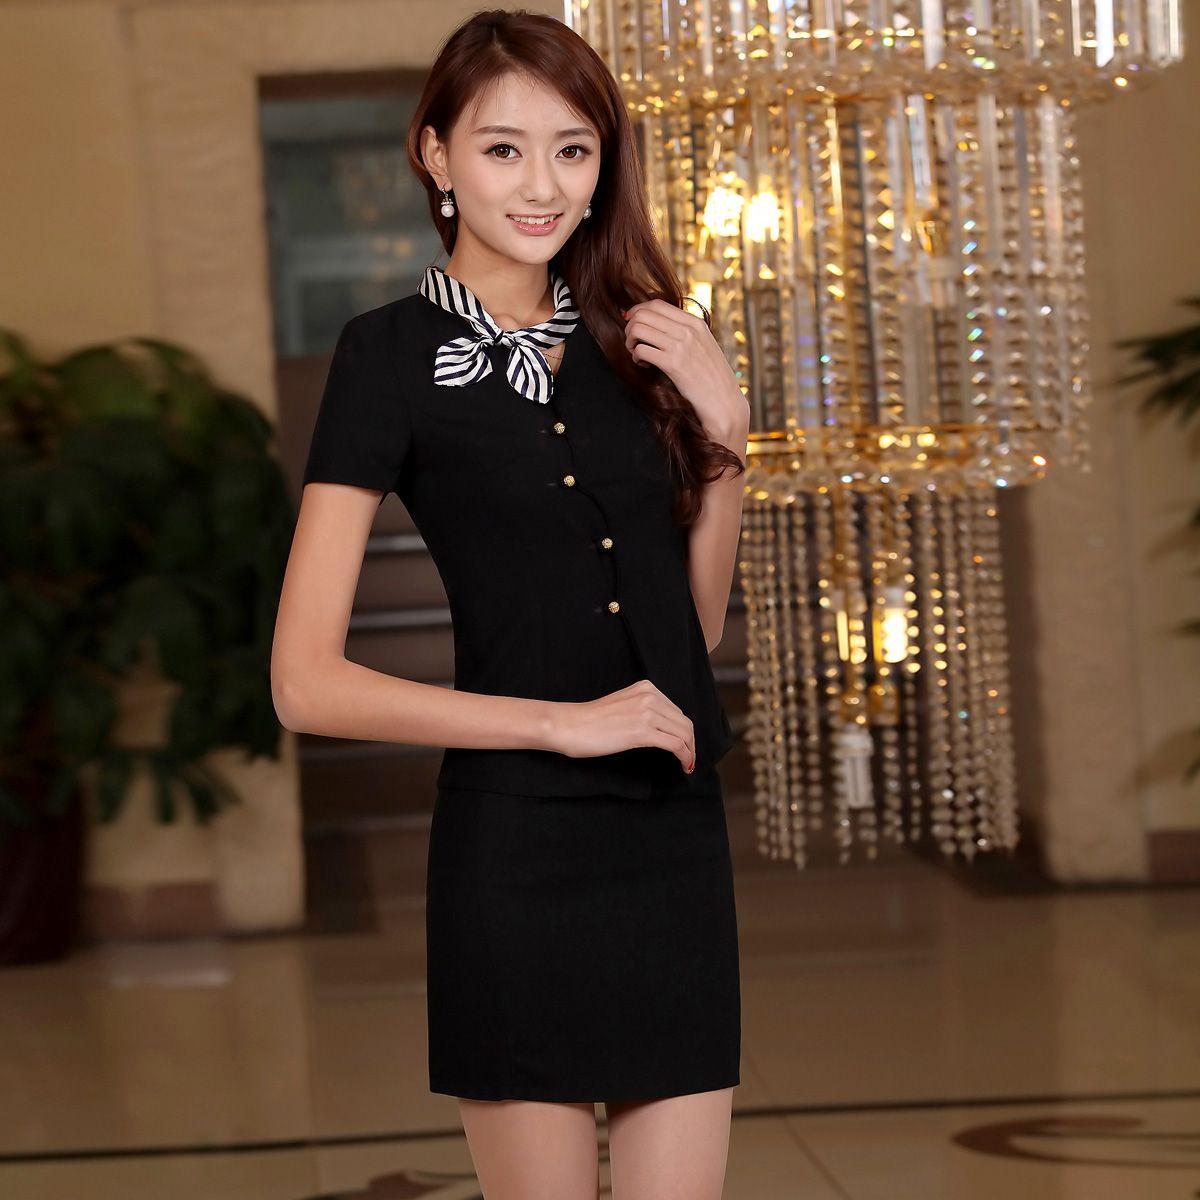 Seragam Hotel Musim Panas Pramugari Perempuan Pakaian Lengan Pendek Resepsionis Manager Kecantikan Kasir